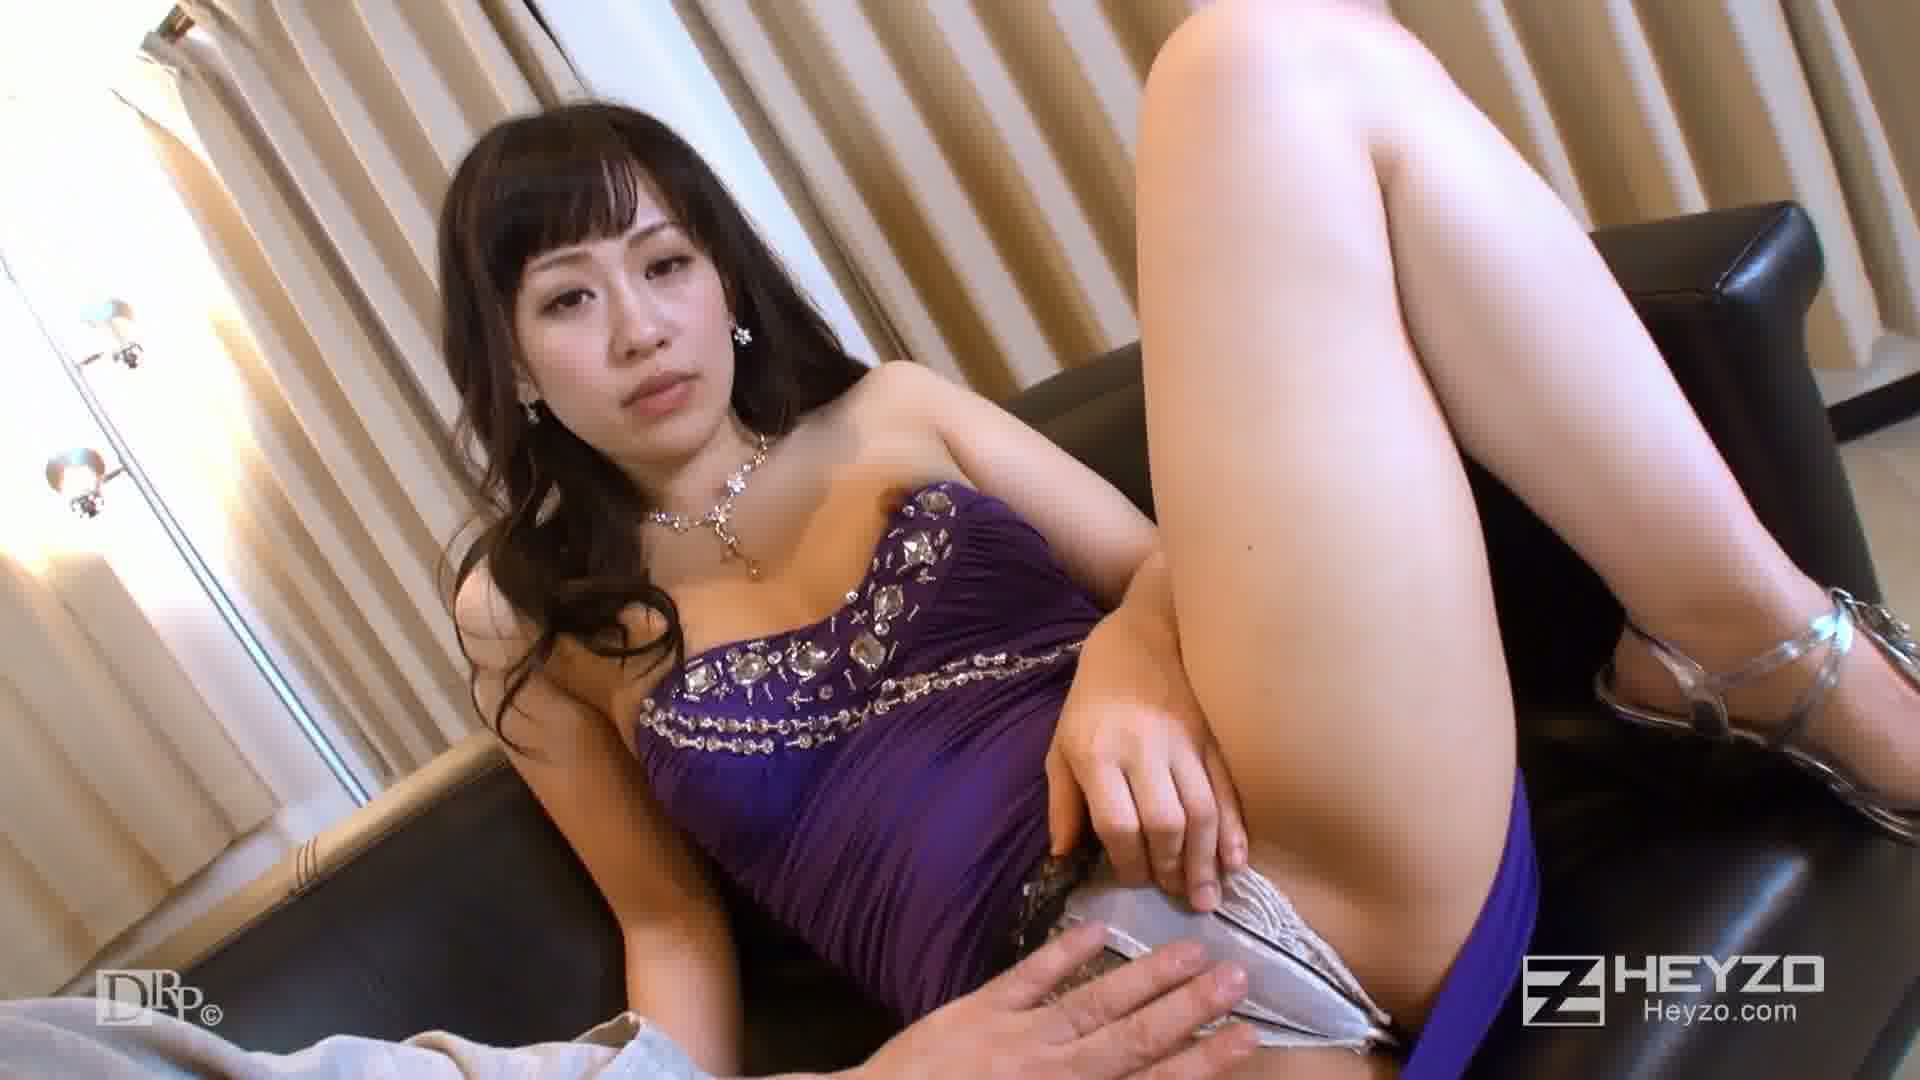 淫誘する悩殺ドレスの女~紫と赤のセクシースパイラル~ - 京野結衣【ベロチュー ご開帳 クンニ 指マン ディルド】